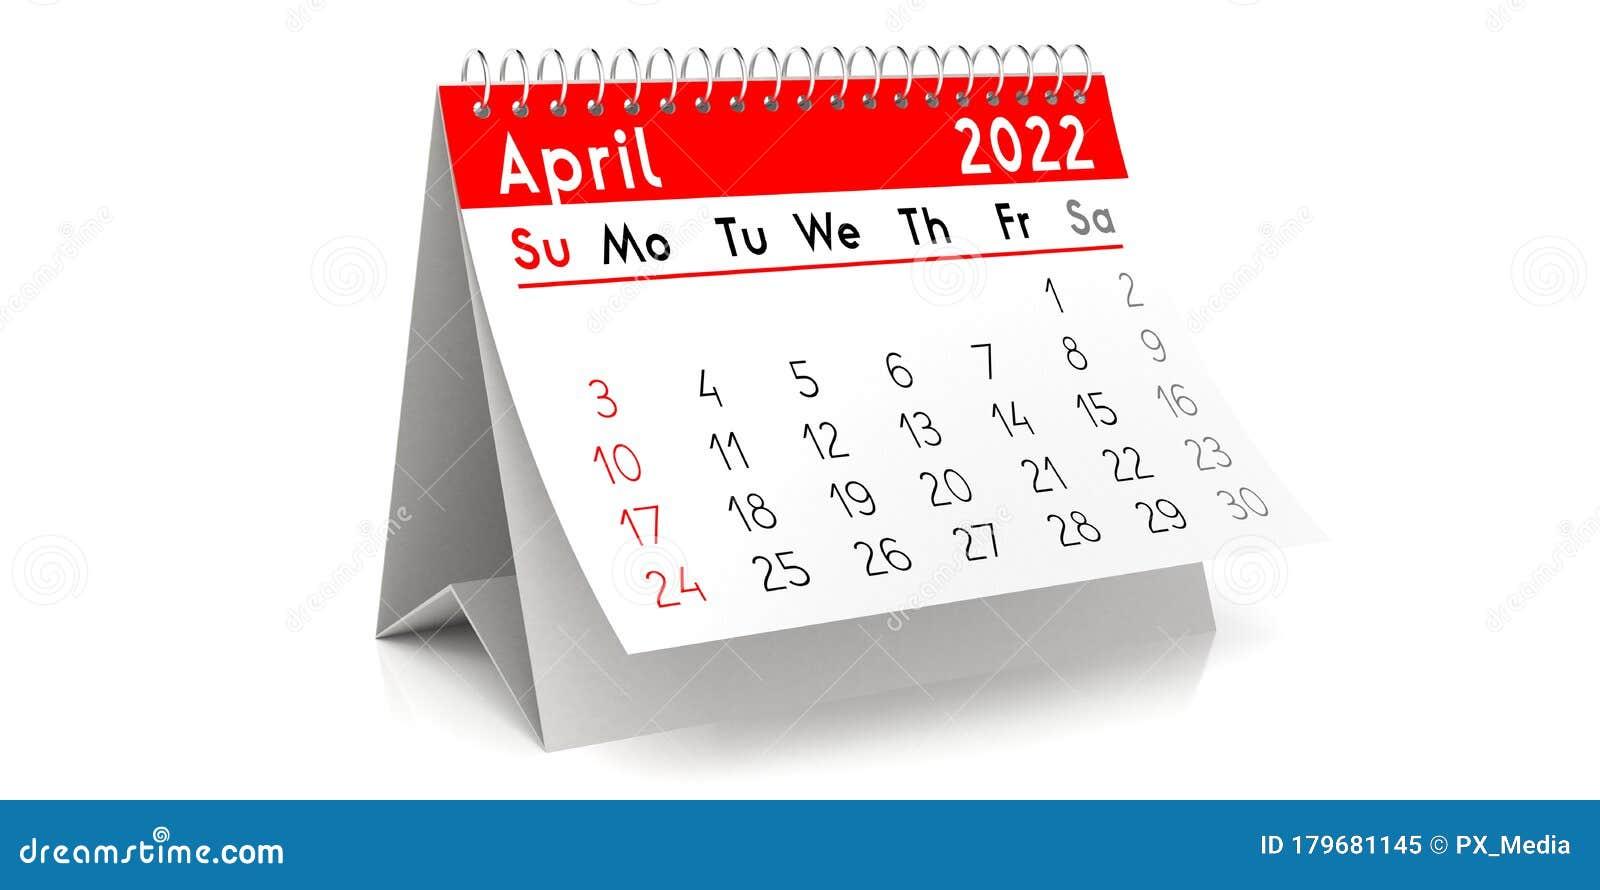 Cute April 2022 Calendar.April 2022 Table Calendar 3d Illustration Stock Illustration Illustration Of Event Agenda 179681145